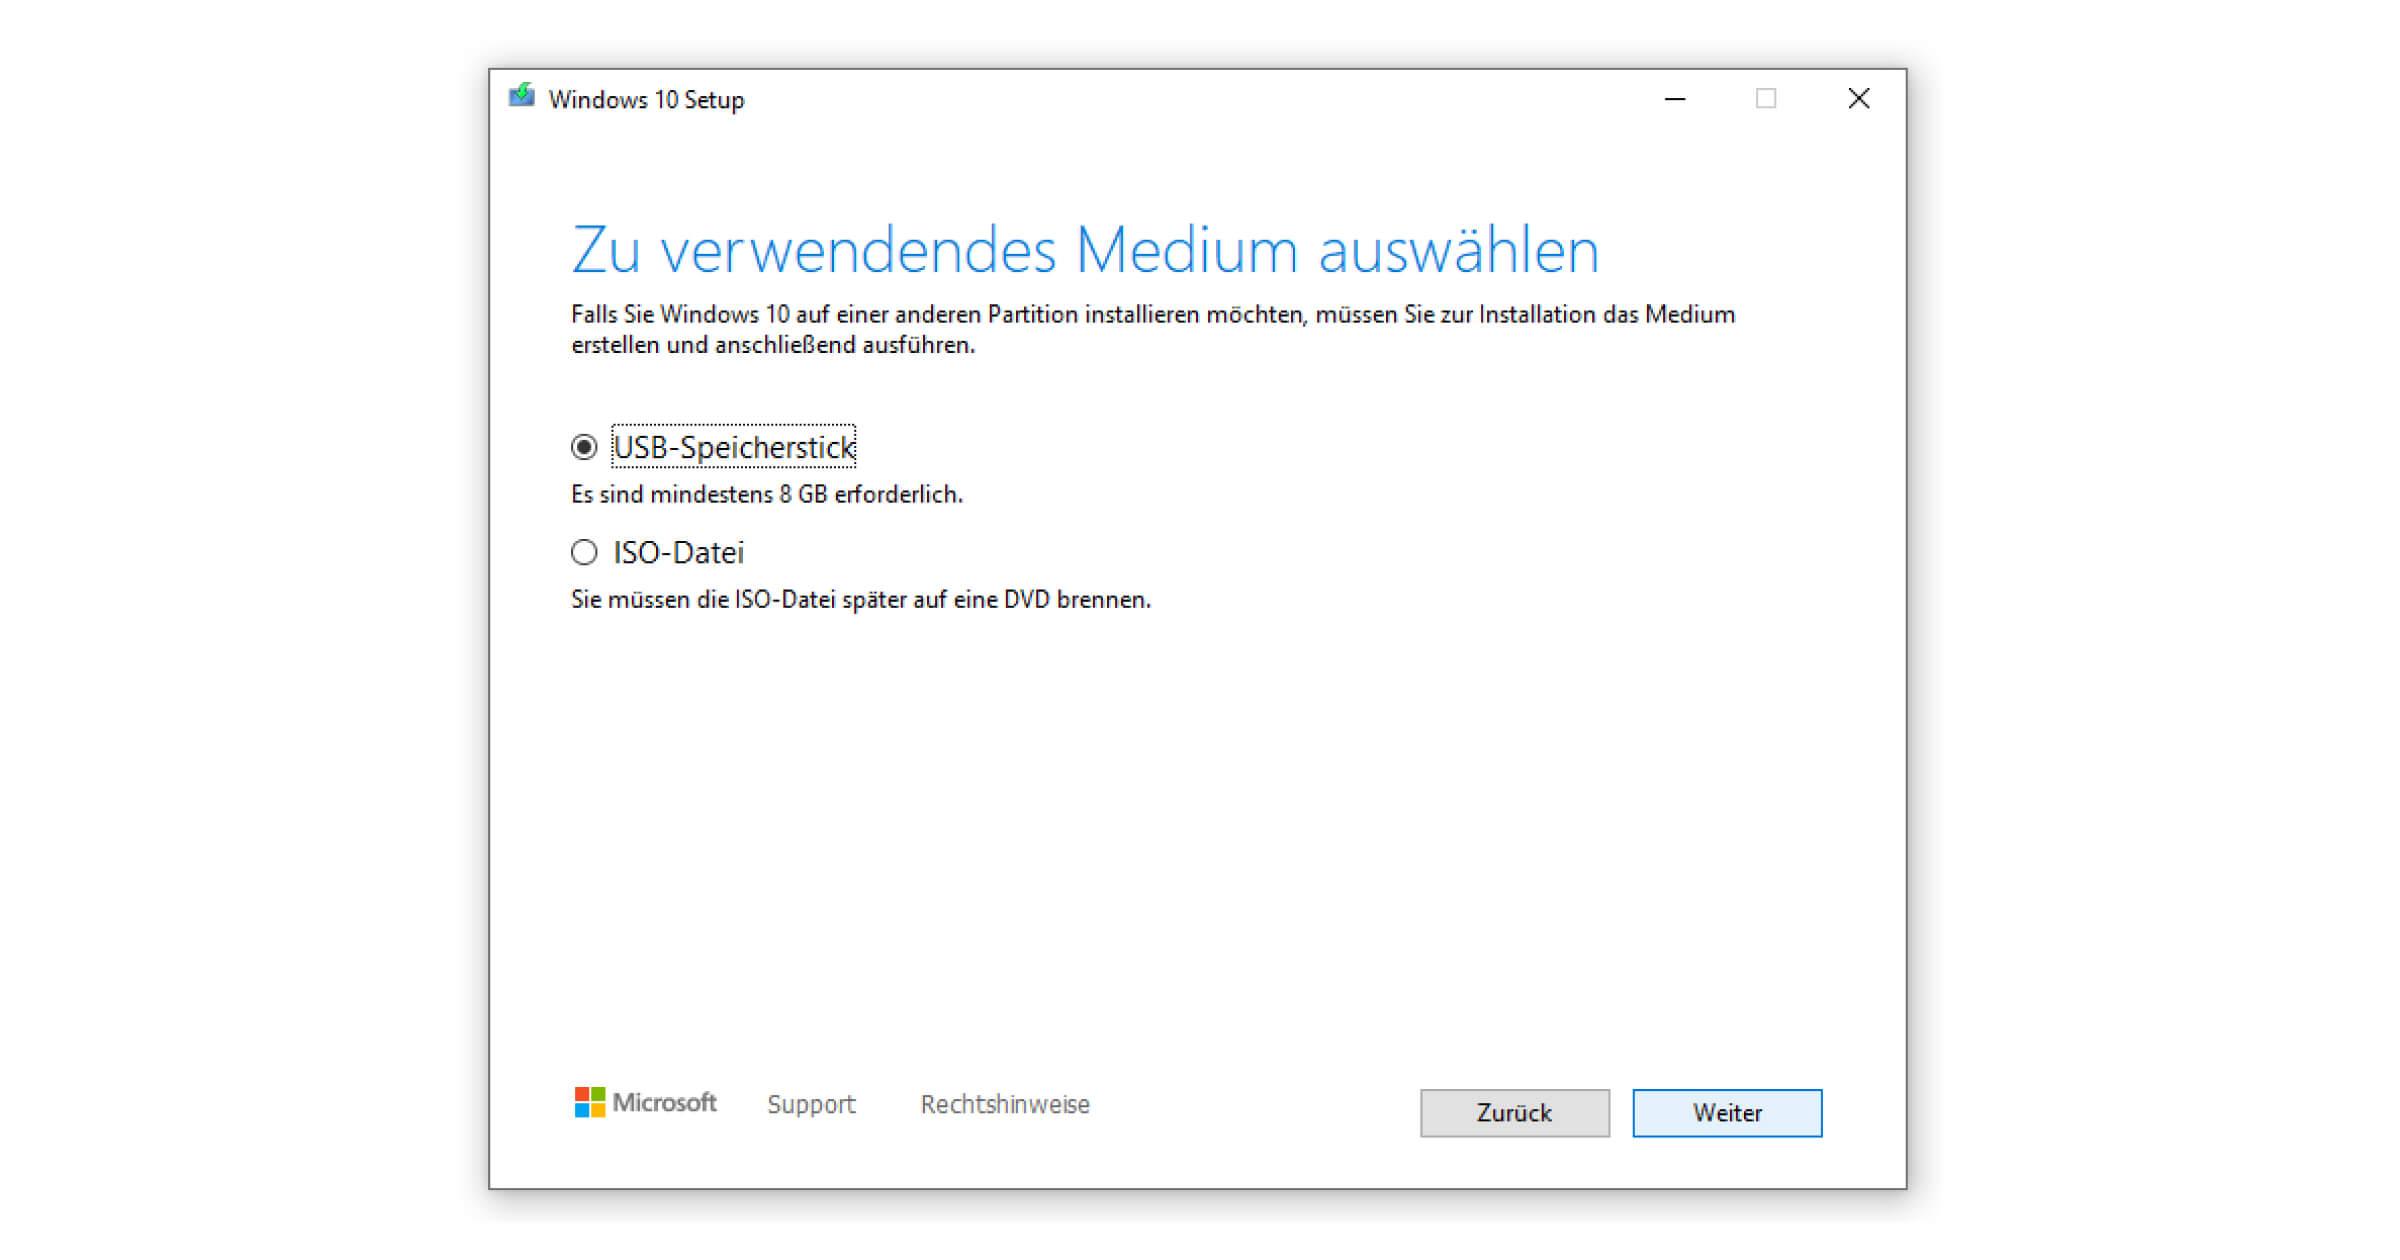 Für die ISO-Datei von Windows 10 benötigst du einen DVD-Brenner